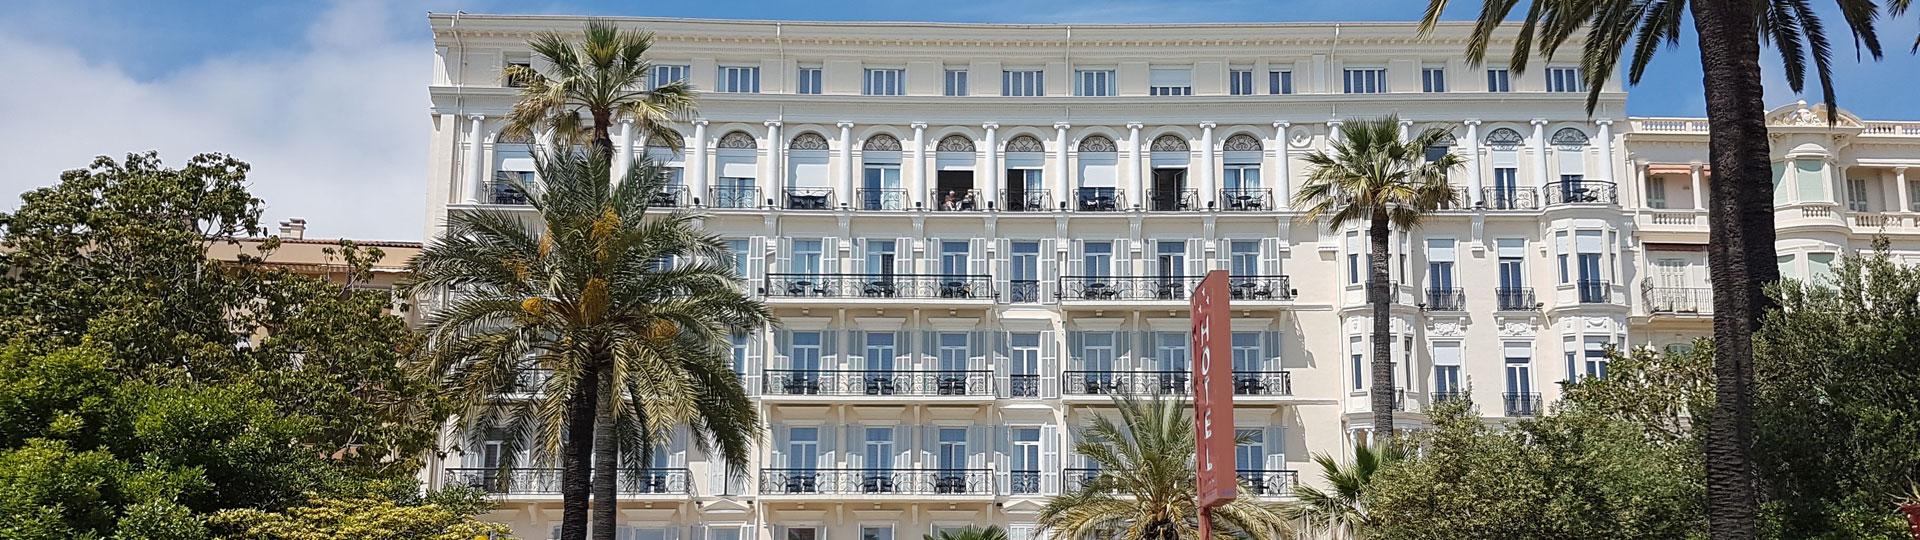 Hôtel Royal Westminster- Vue extérieure